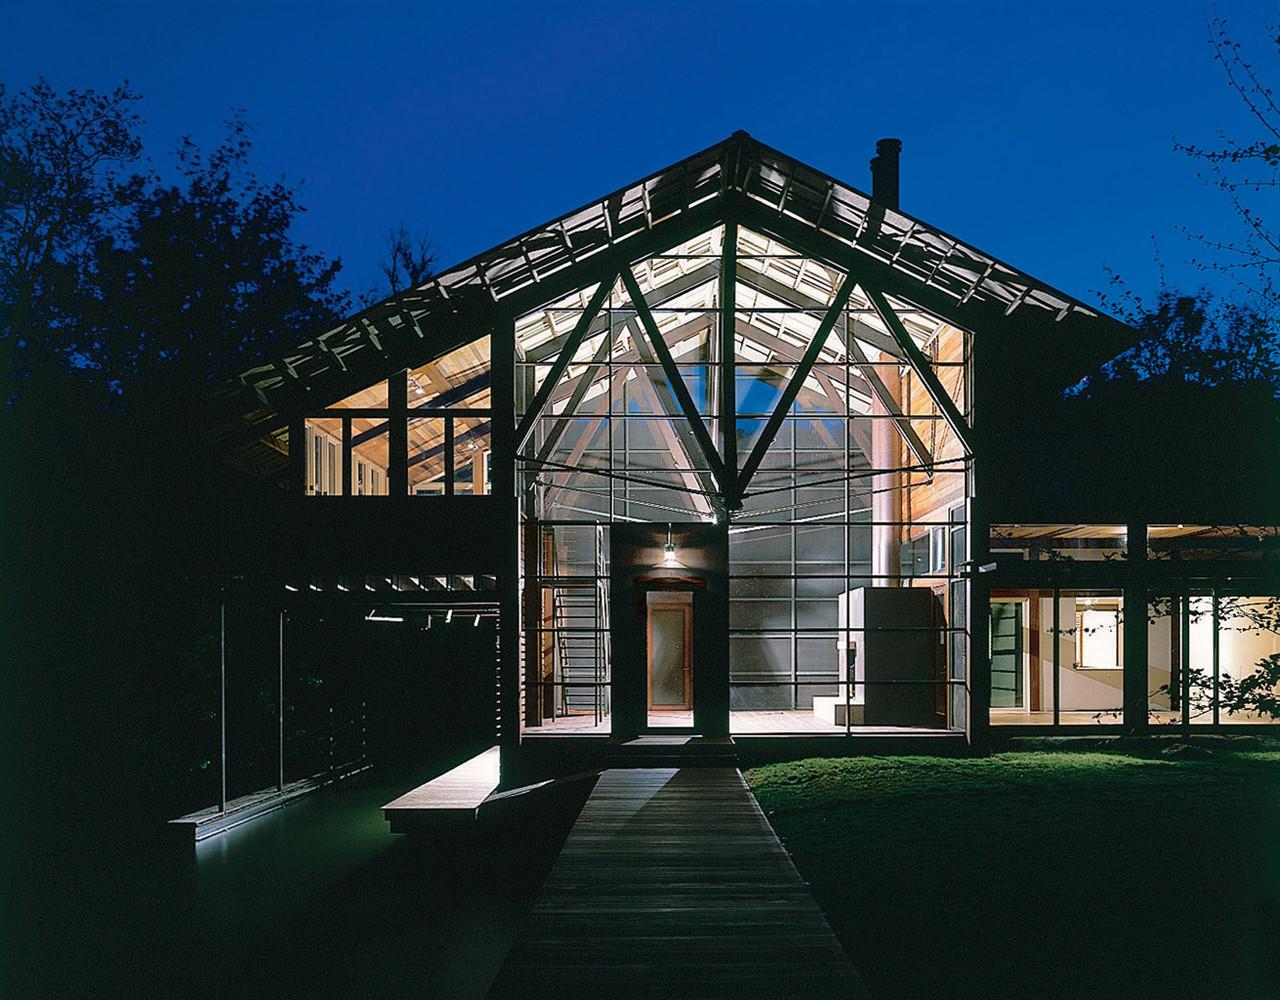 Lake Austin House / Lake|Flato Architects, © Hester + Hardaway